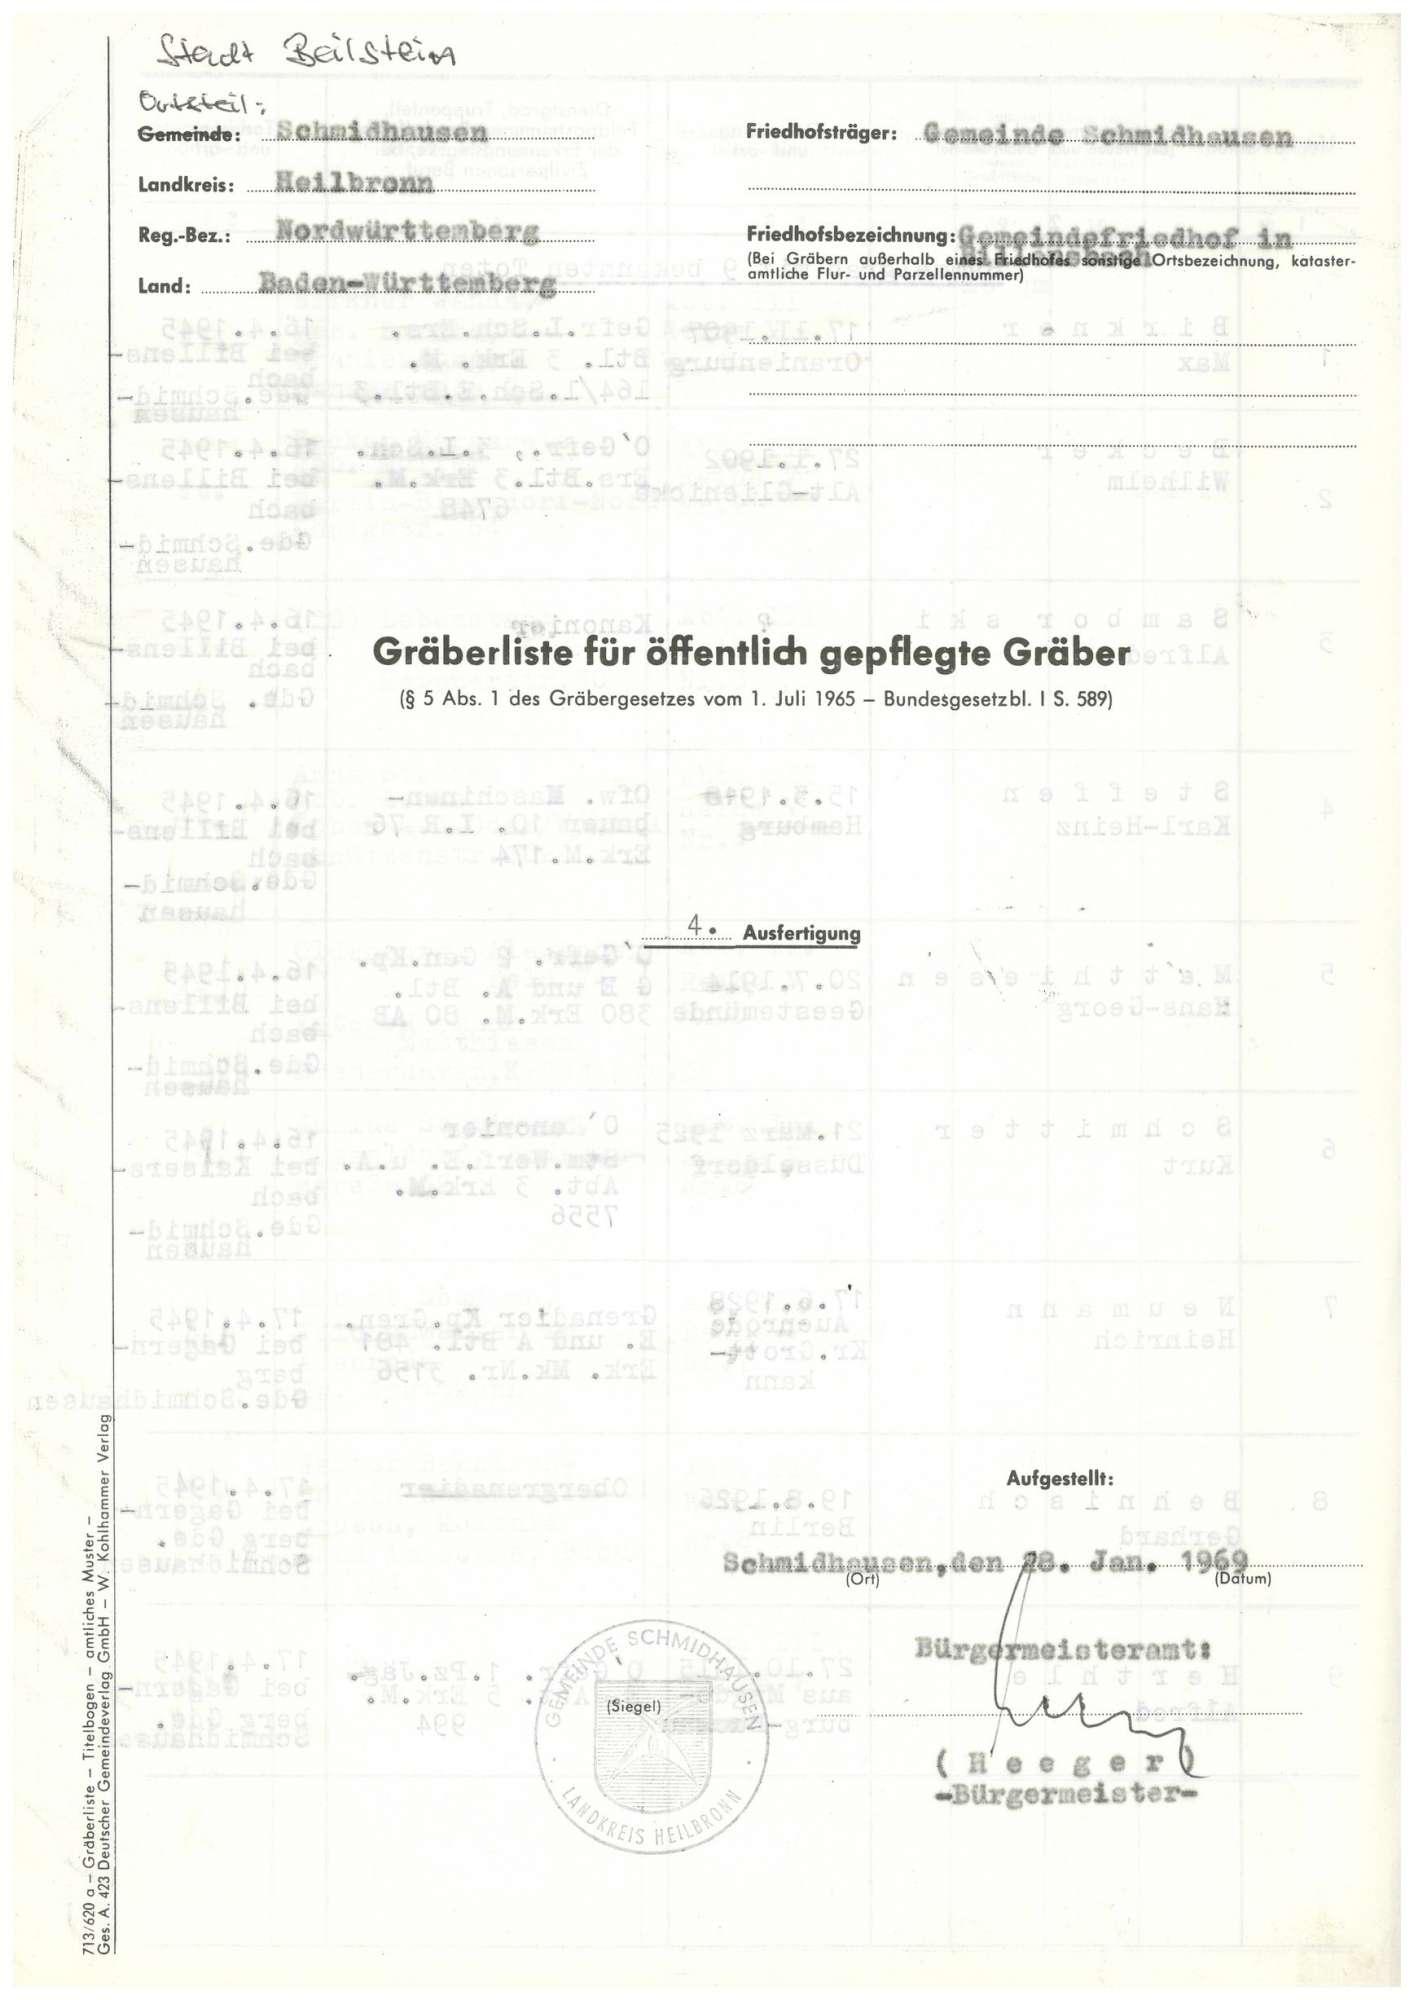 Billensbach, Bild 3